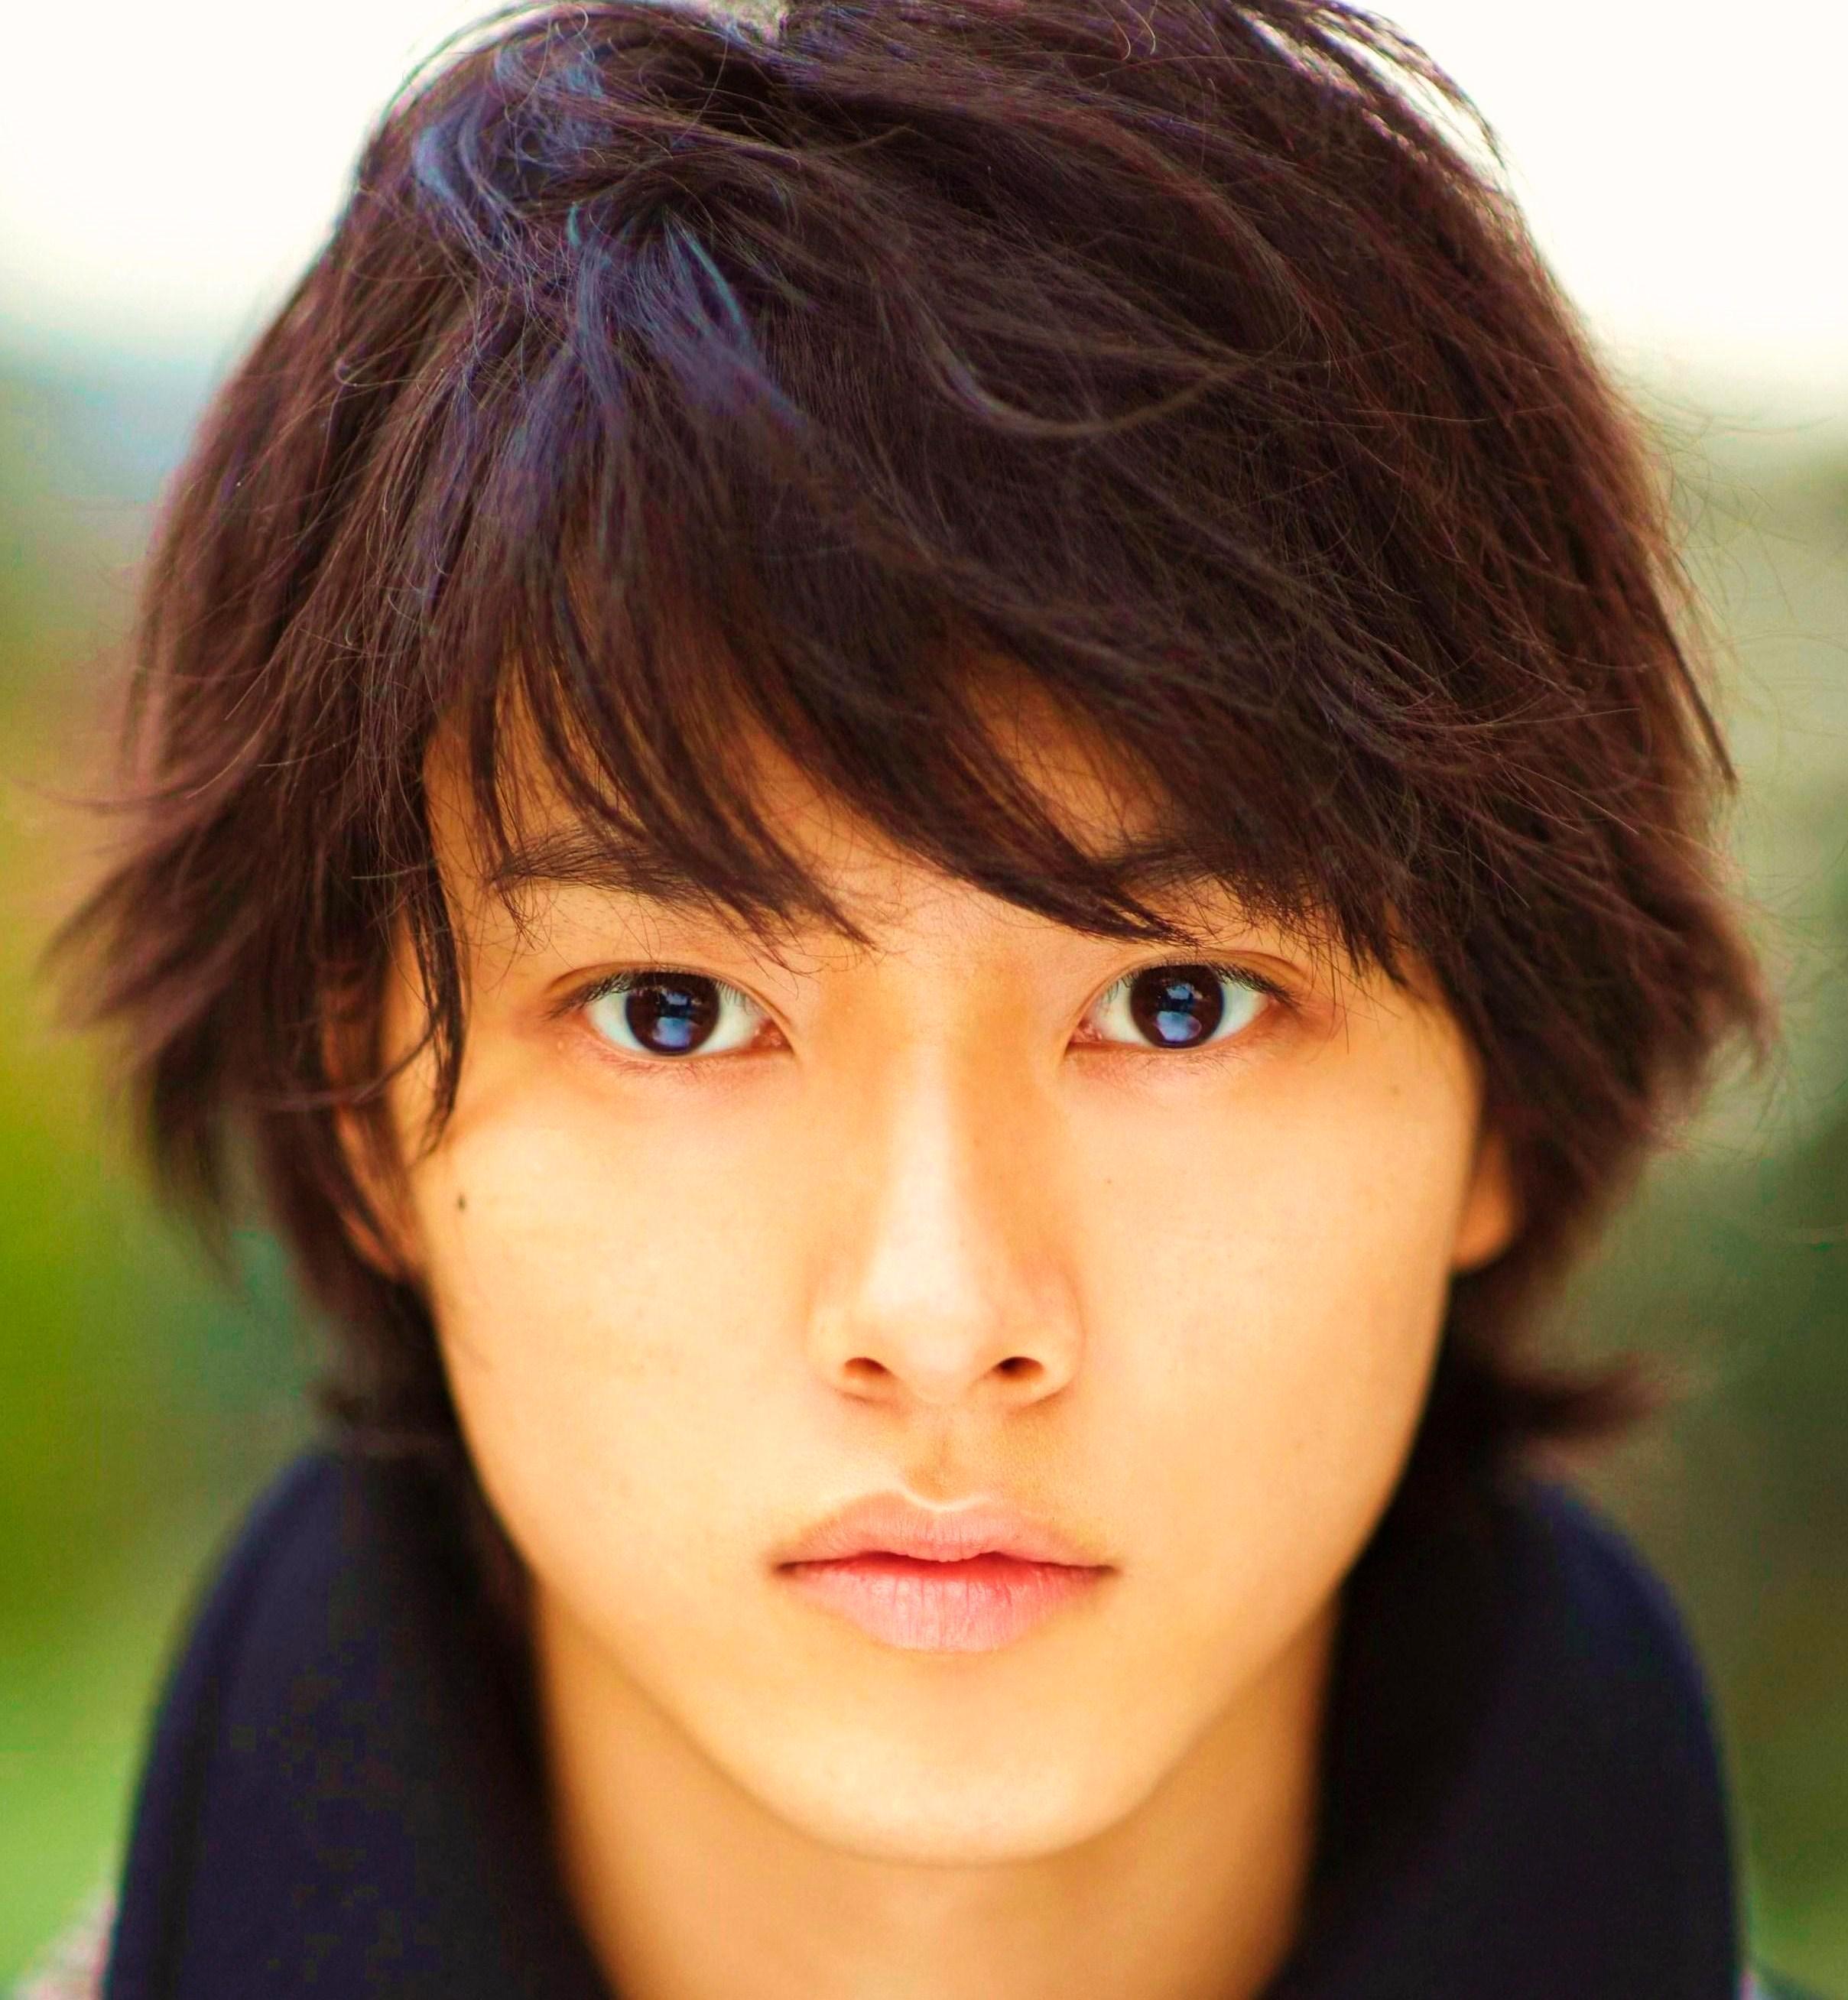 「まれ」に出演中の山崎賢人さんの髪型チェック!!校則にも対応?!のサムネイル画像